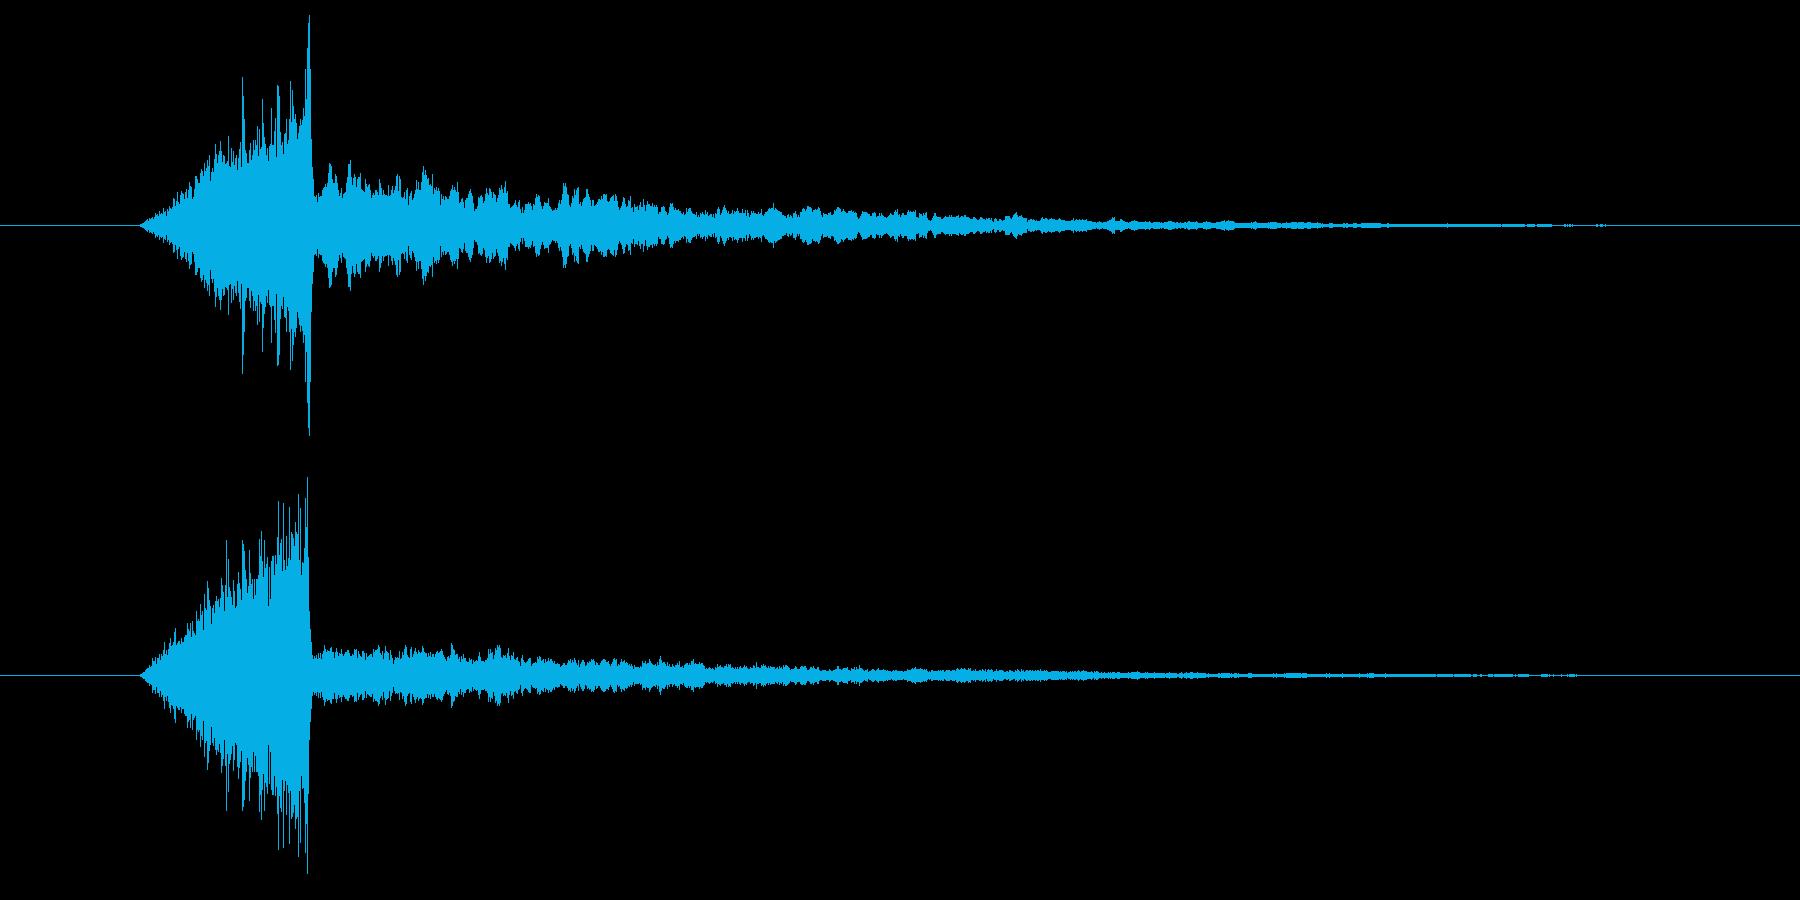 シュピーン、テロップ音、スーパー。の再生済みの波形